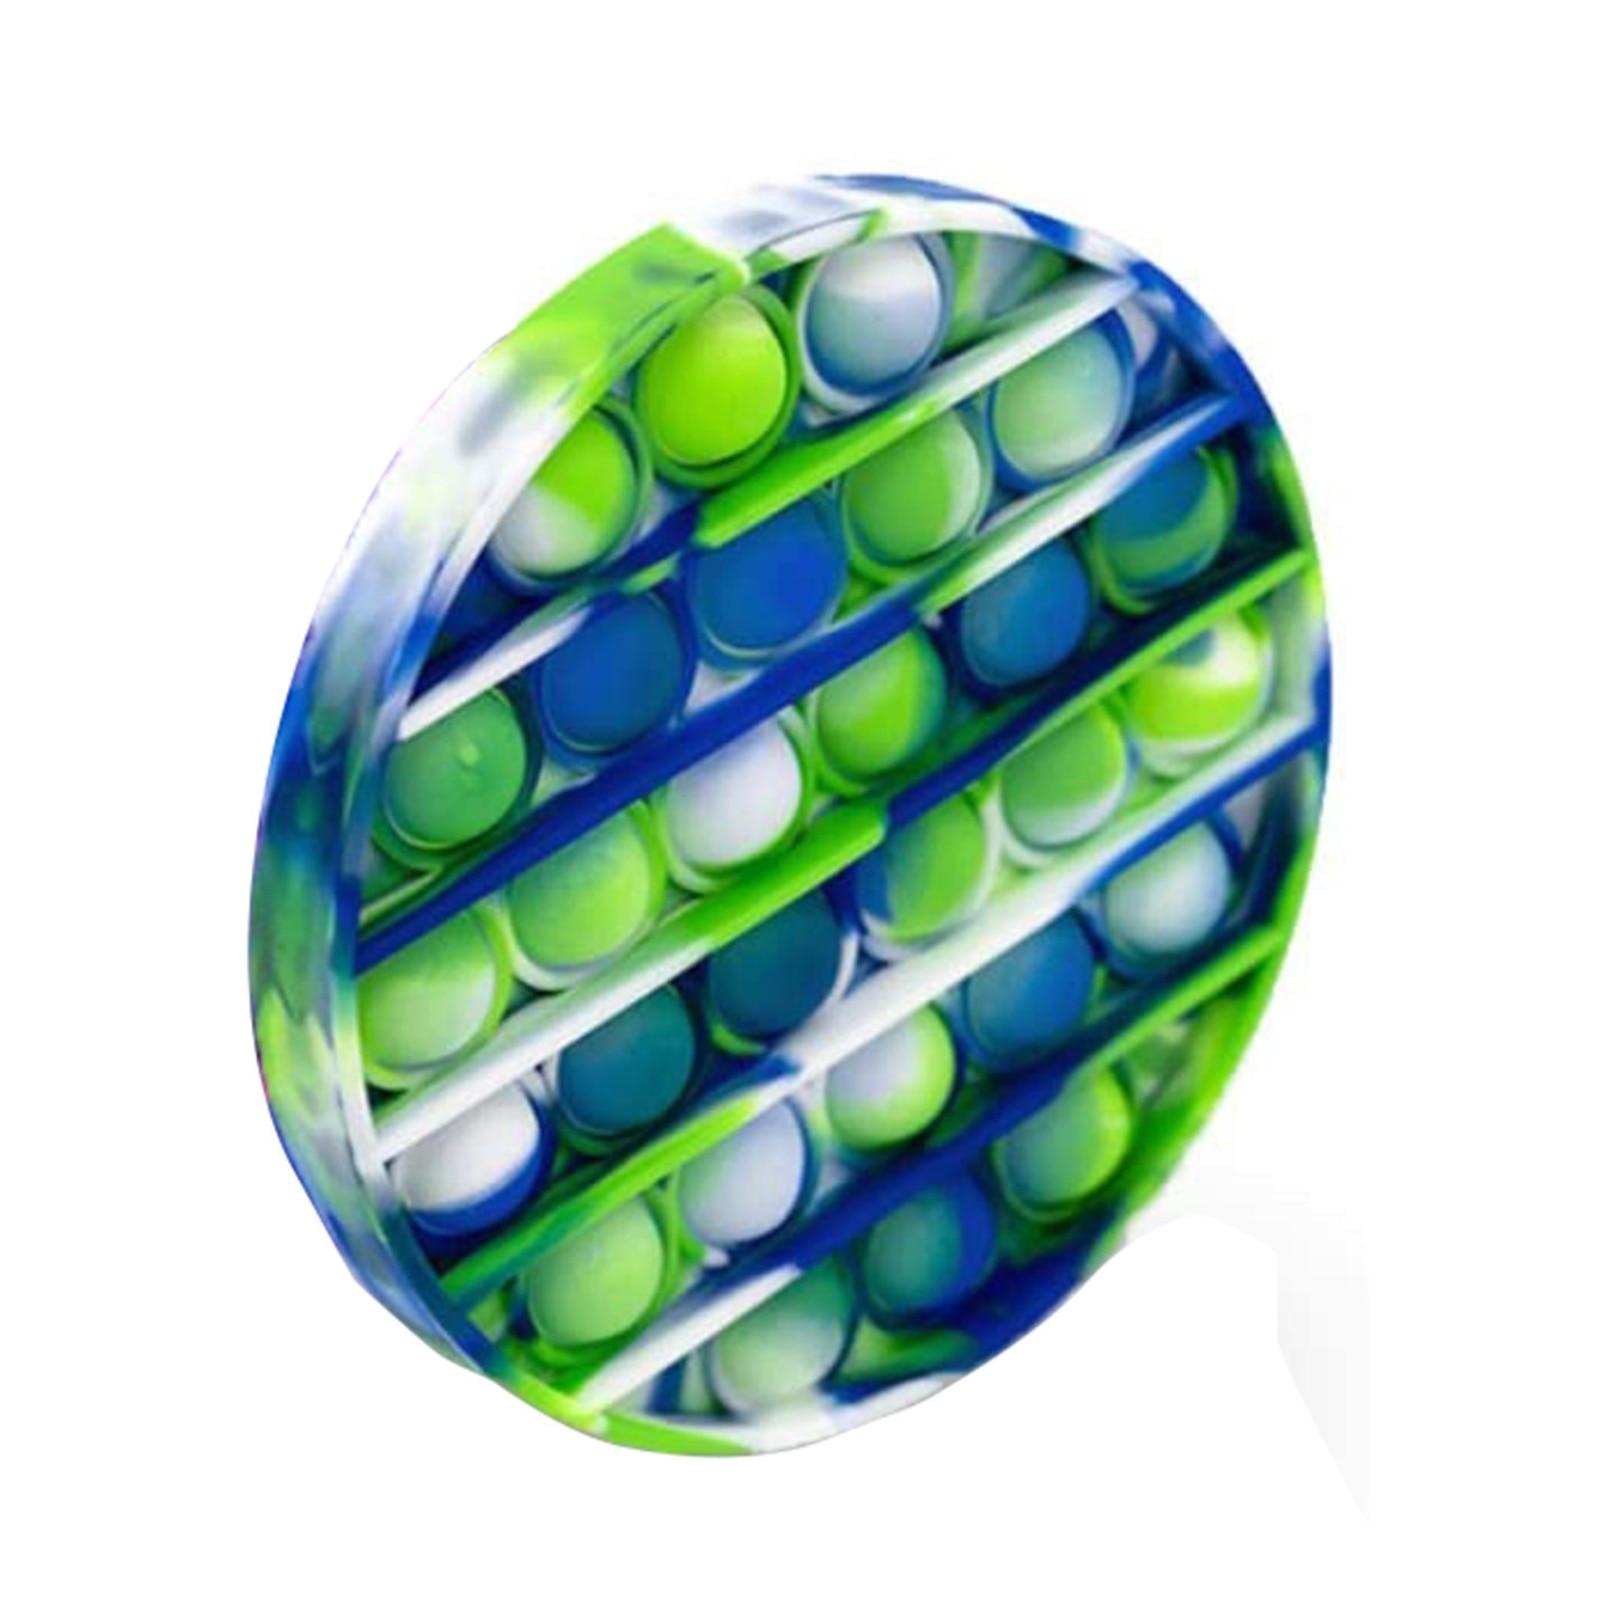 Popit Fidget Bubble-Stress Autism Dye-Color It-Rainbow/Tie Kids Reliever Adult Toy img5